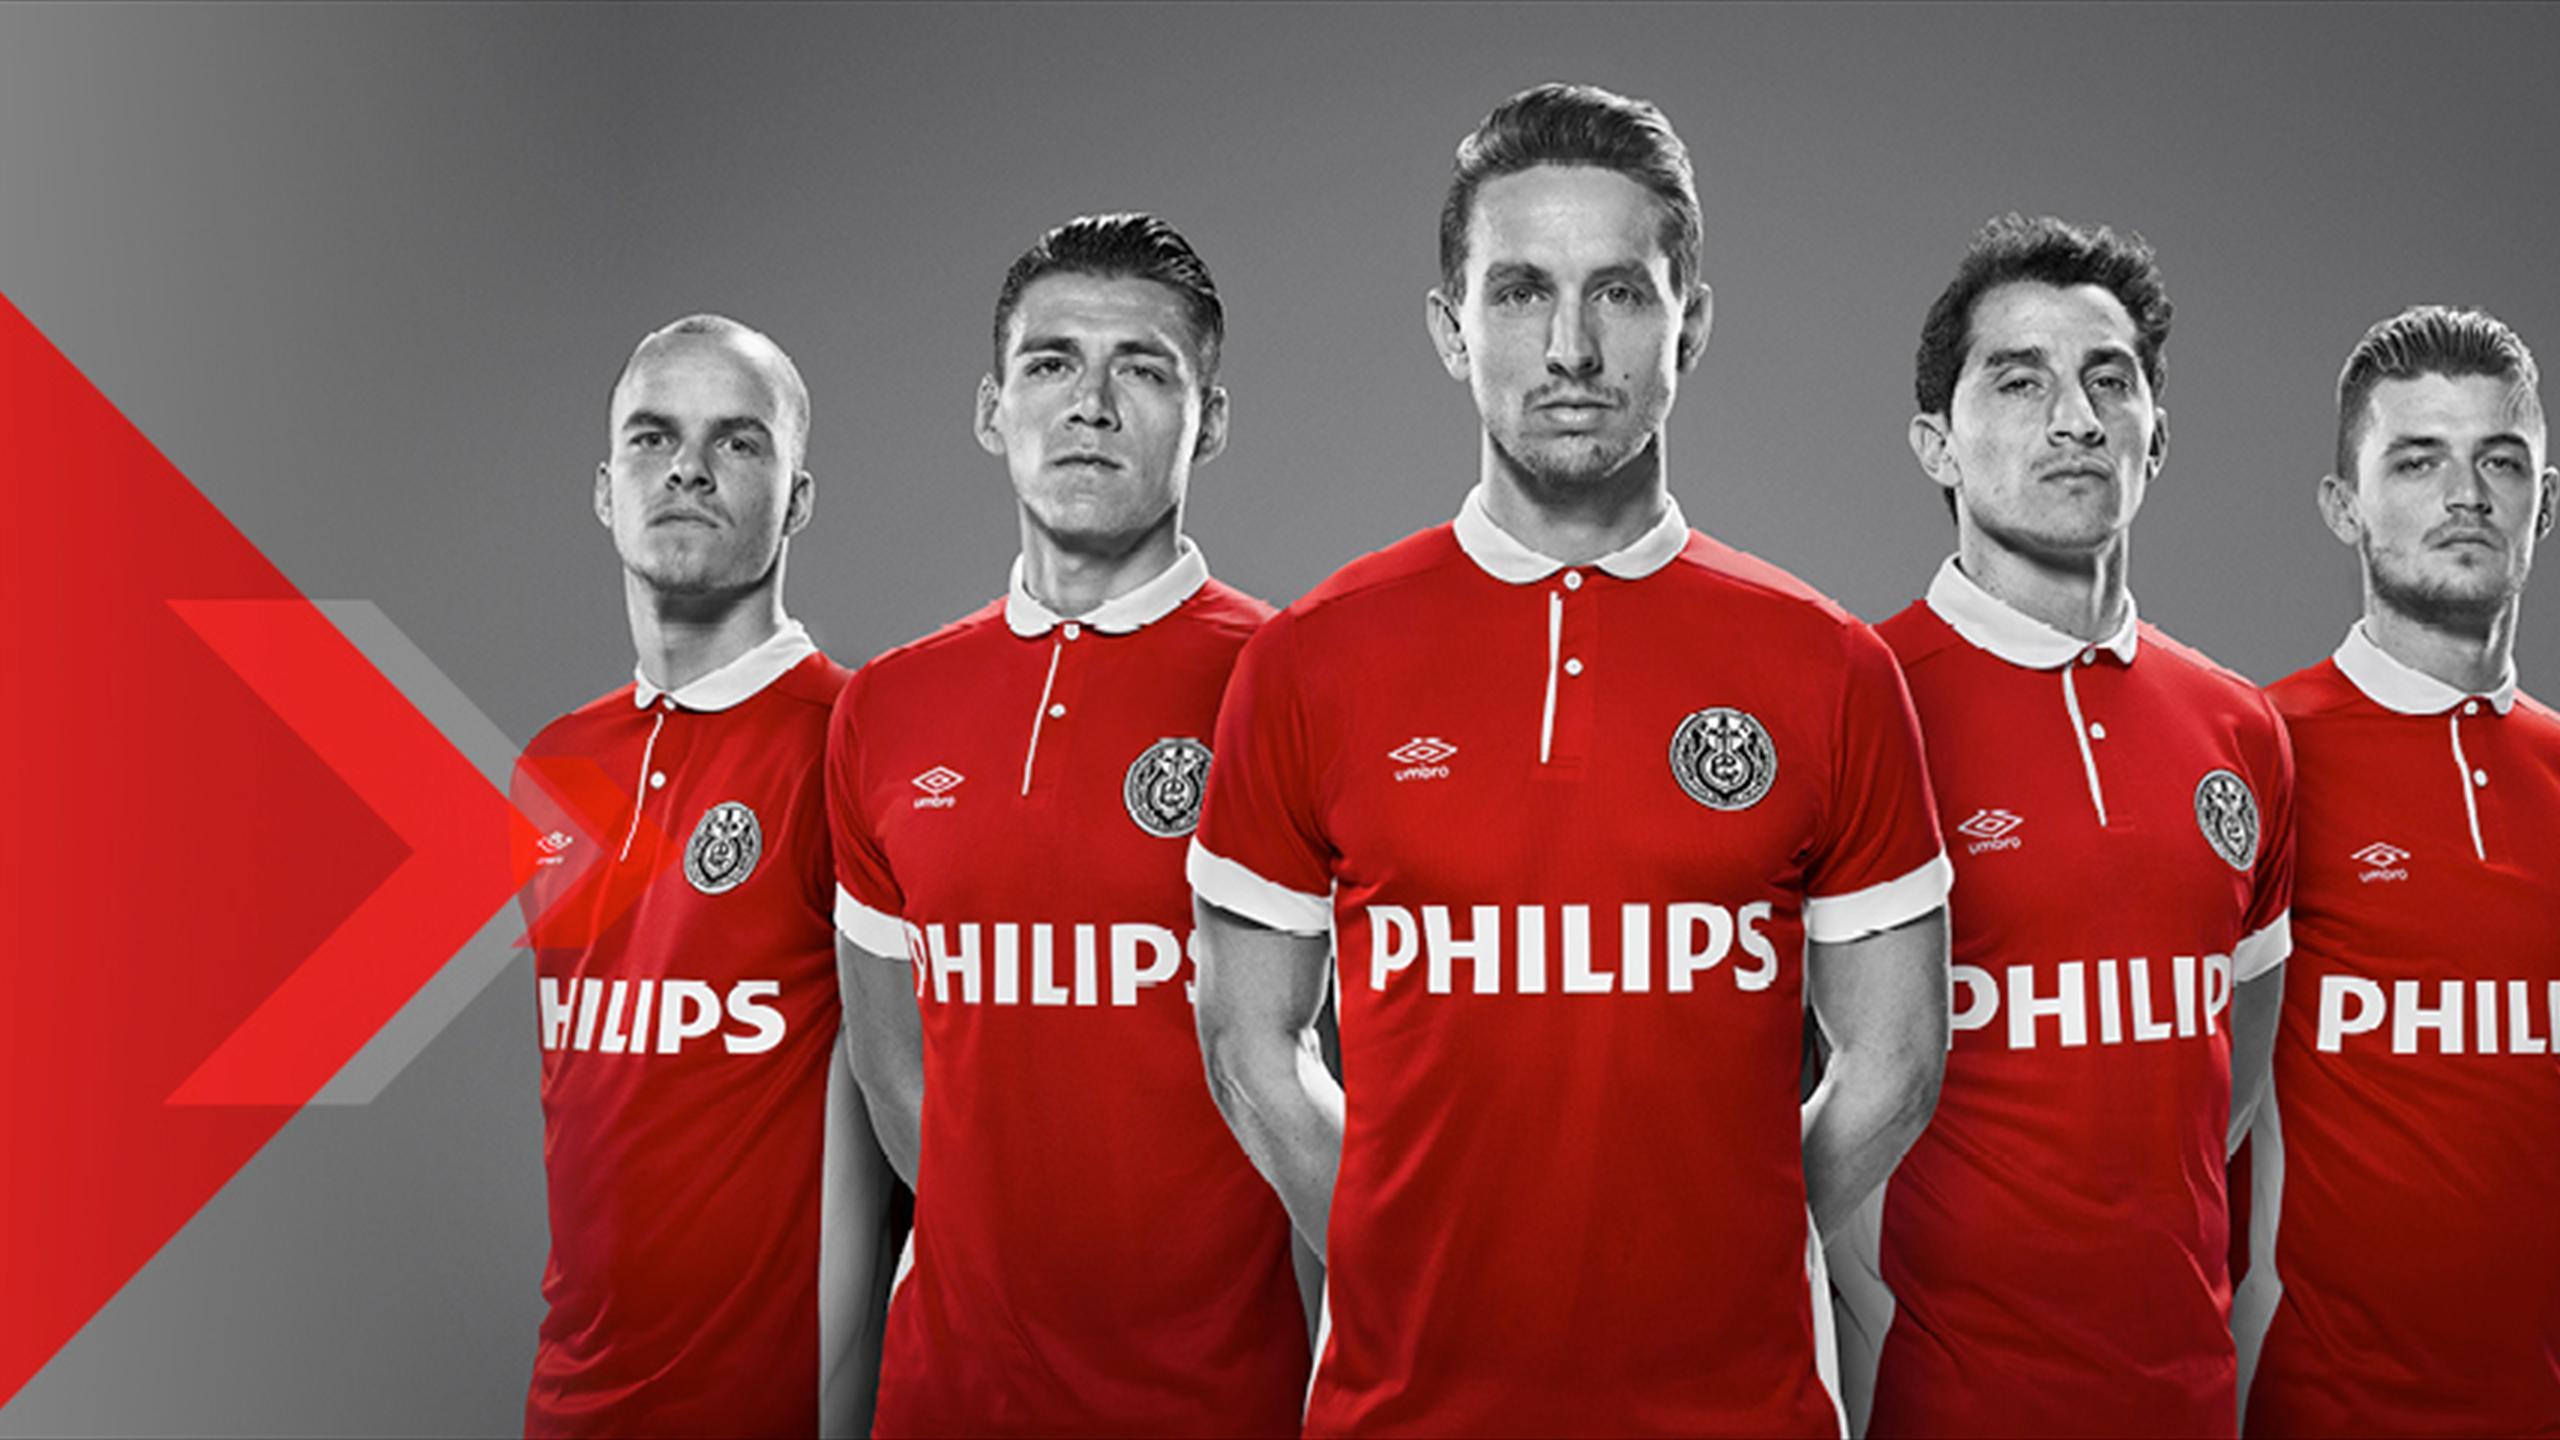 Maillot Extérieur PSV Tenue de match